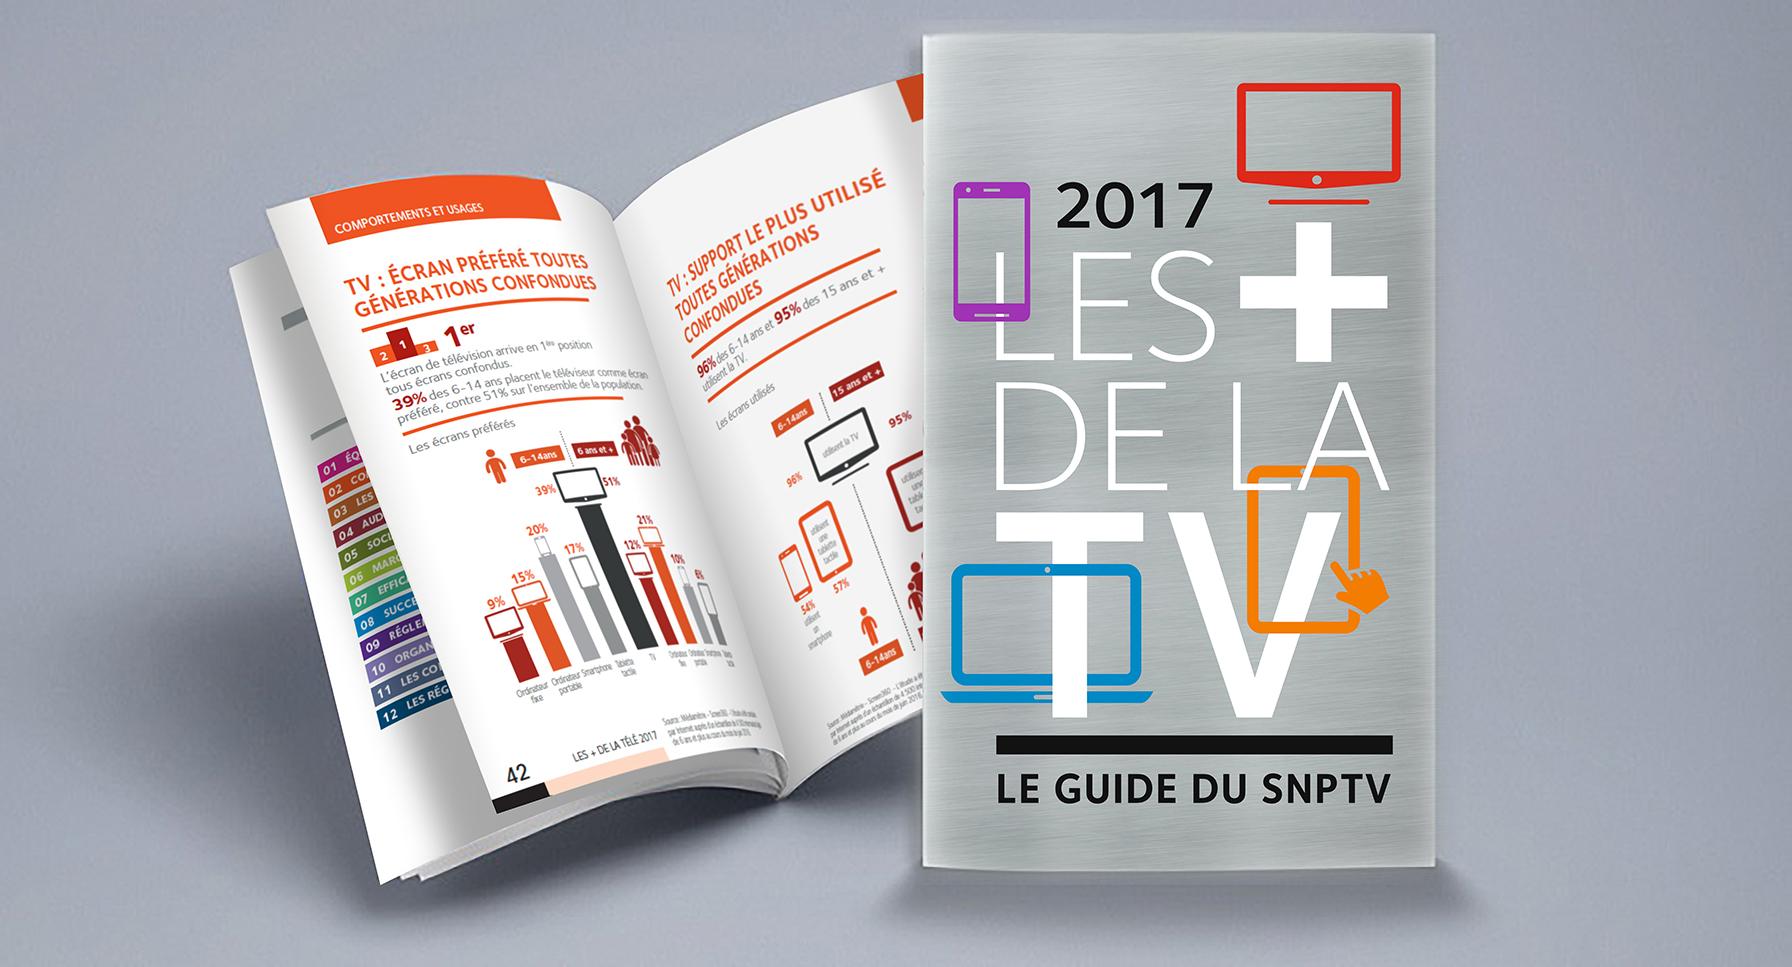 Guide - Les + de la TV 2017